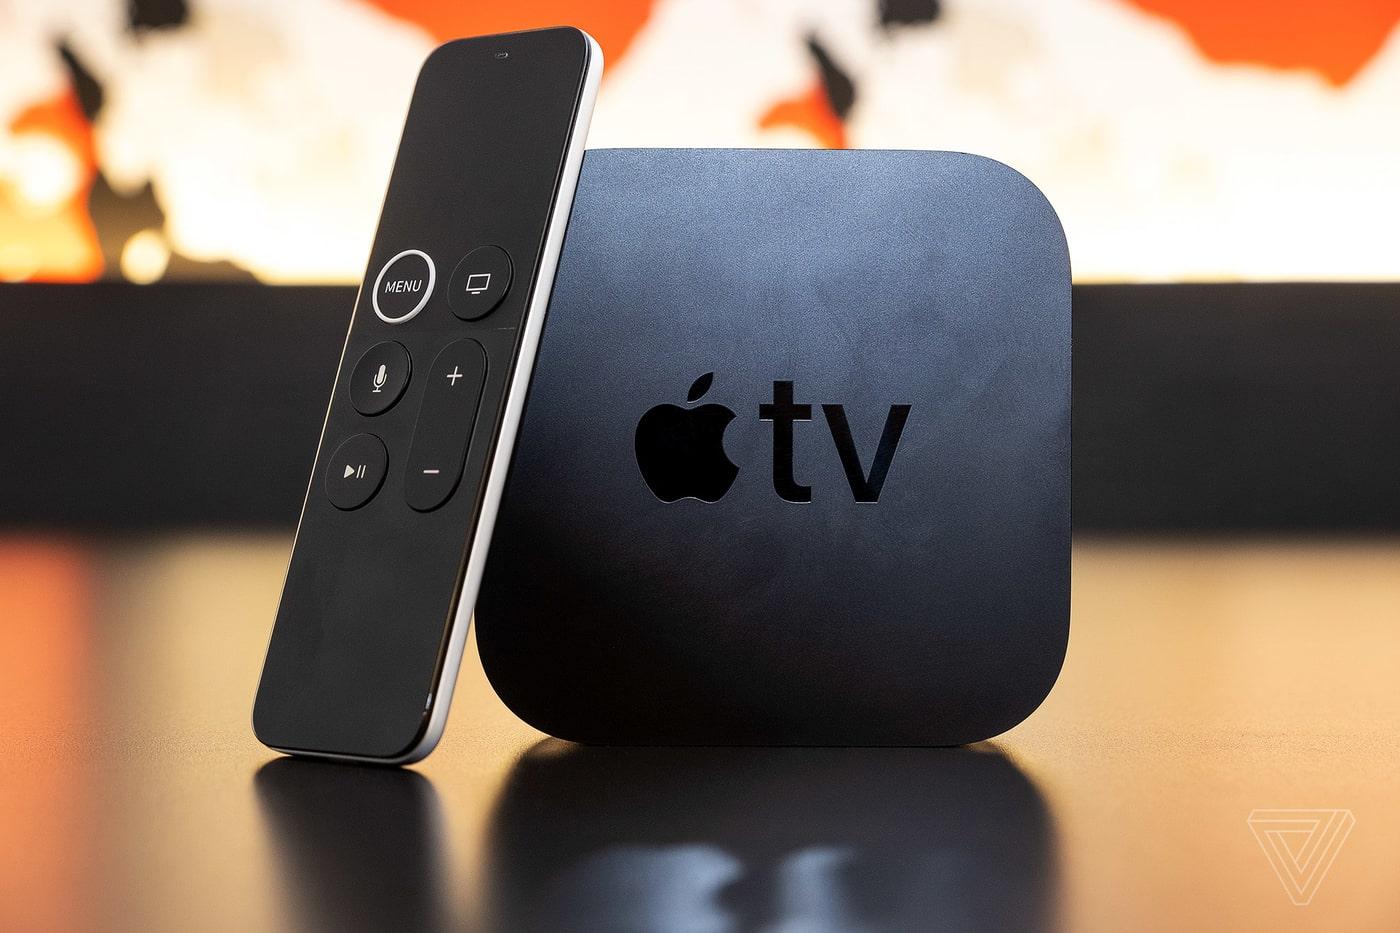 Nghịch lý: Apple TV 4K đến giờ mới có thể phát video YouTube ở độ phân giải… 4K với HĐH tvOS 14